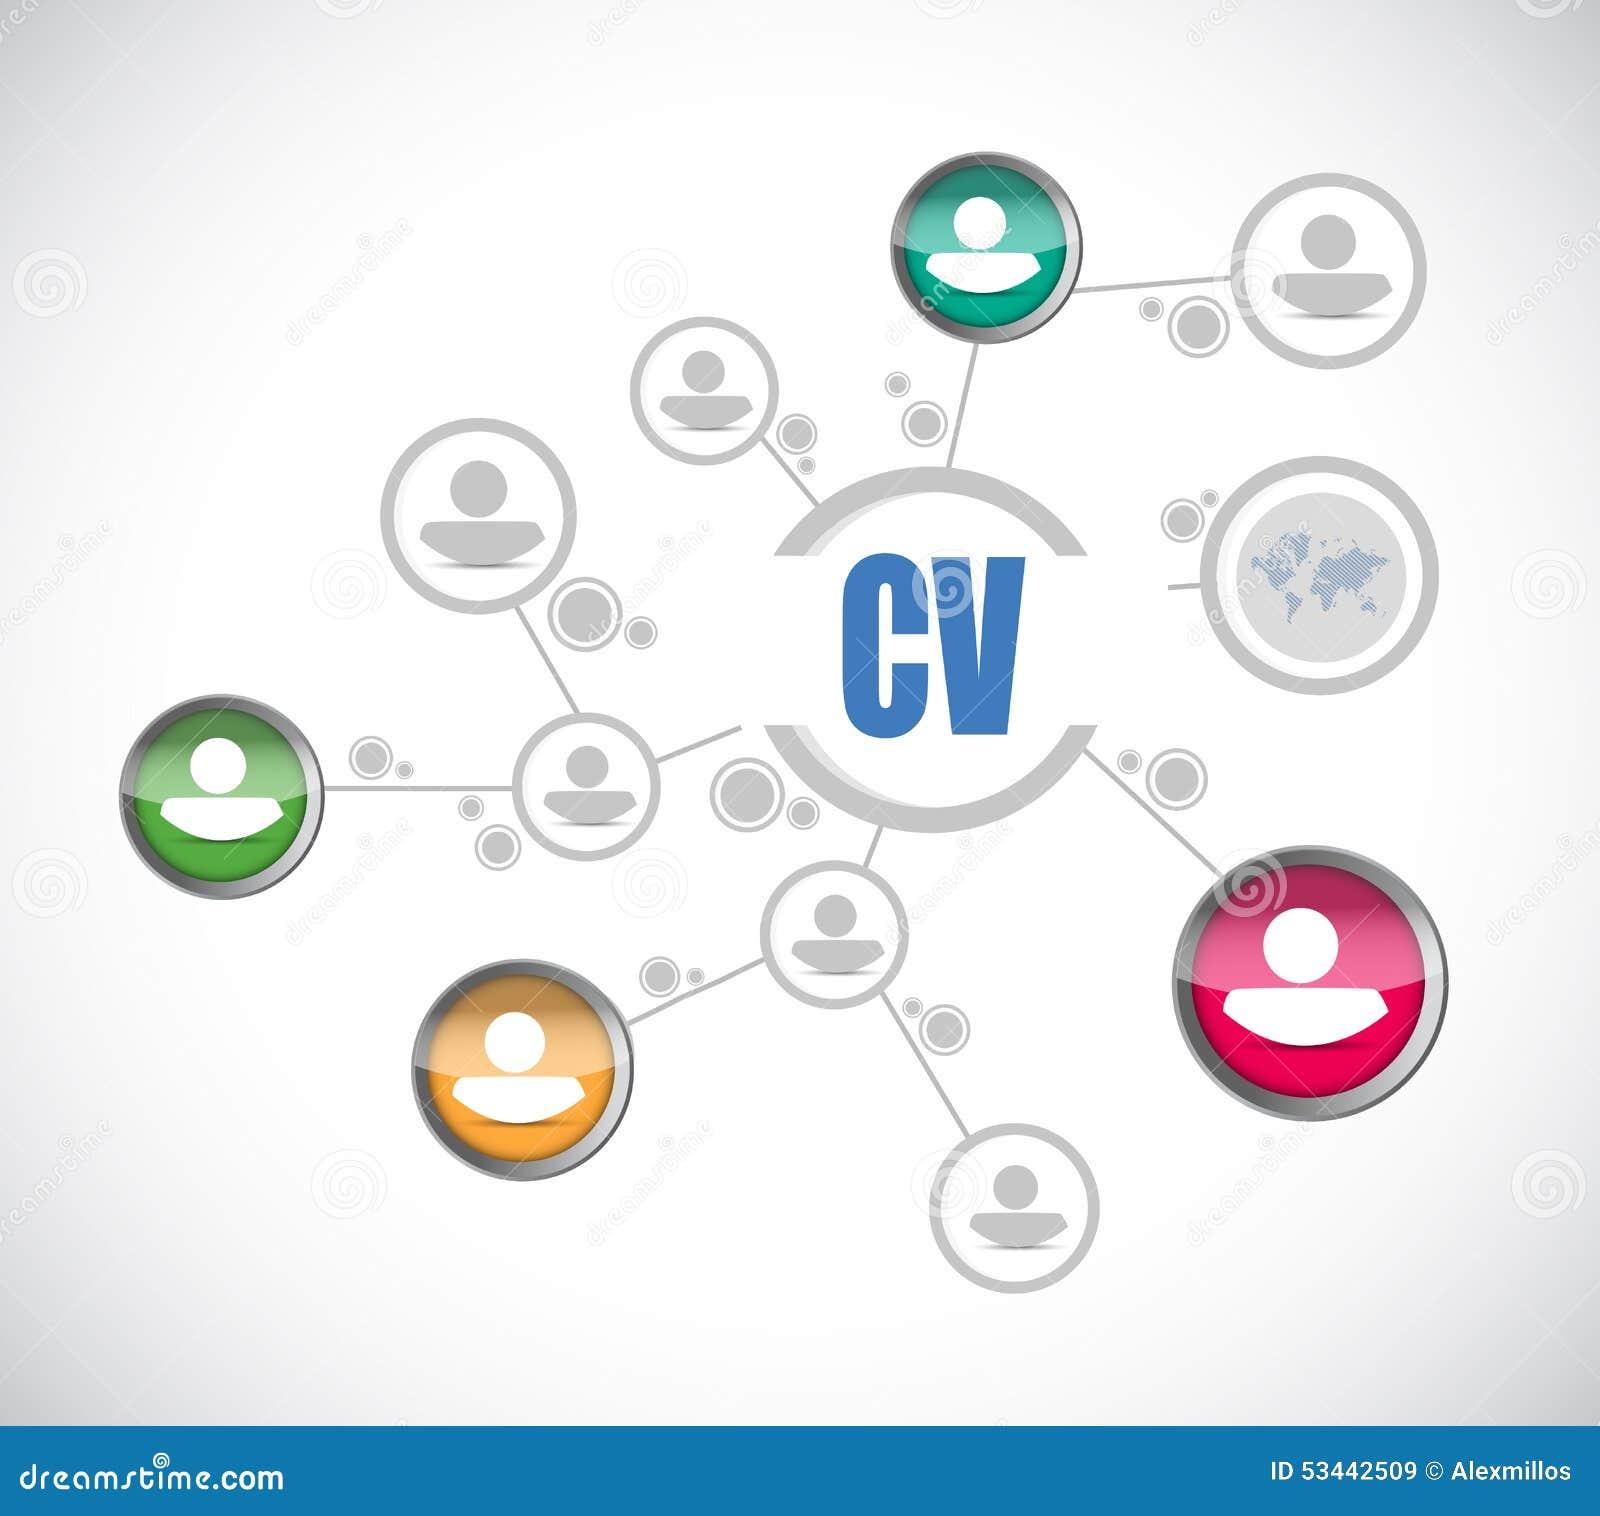 Cv Curriculum Vitae People Diagram Sign Concept Stock Illustration